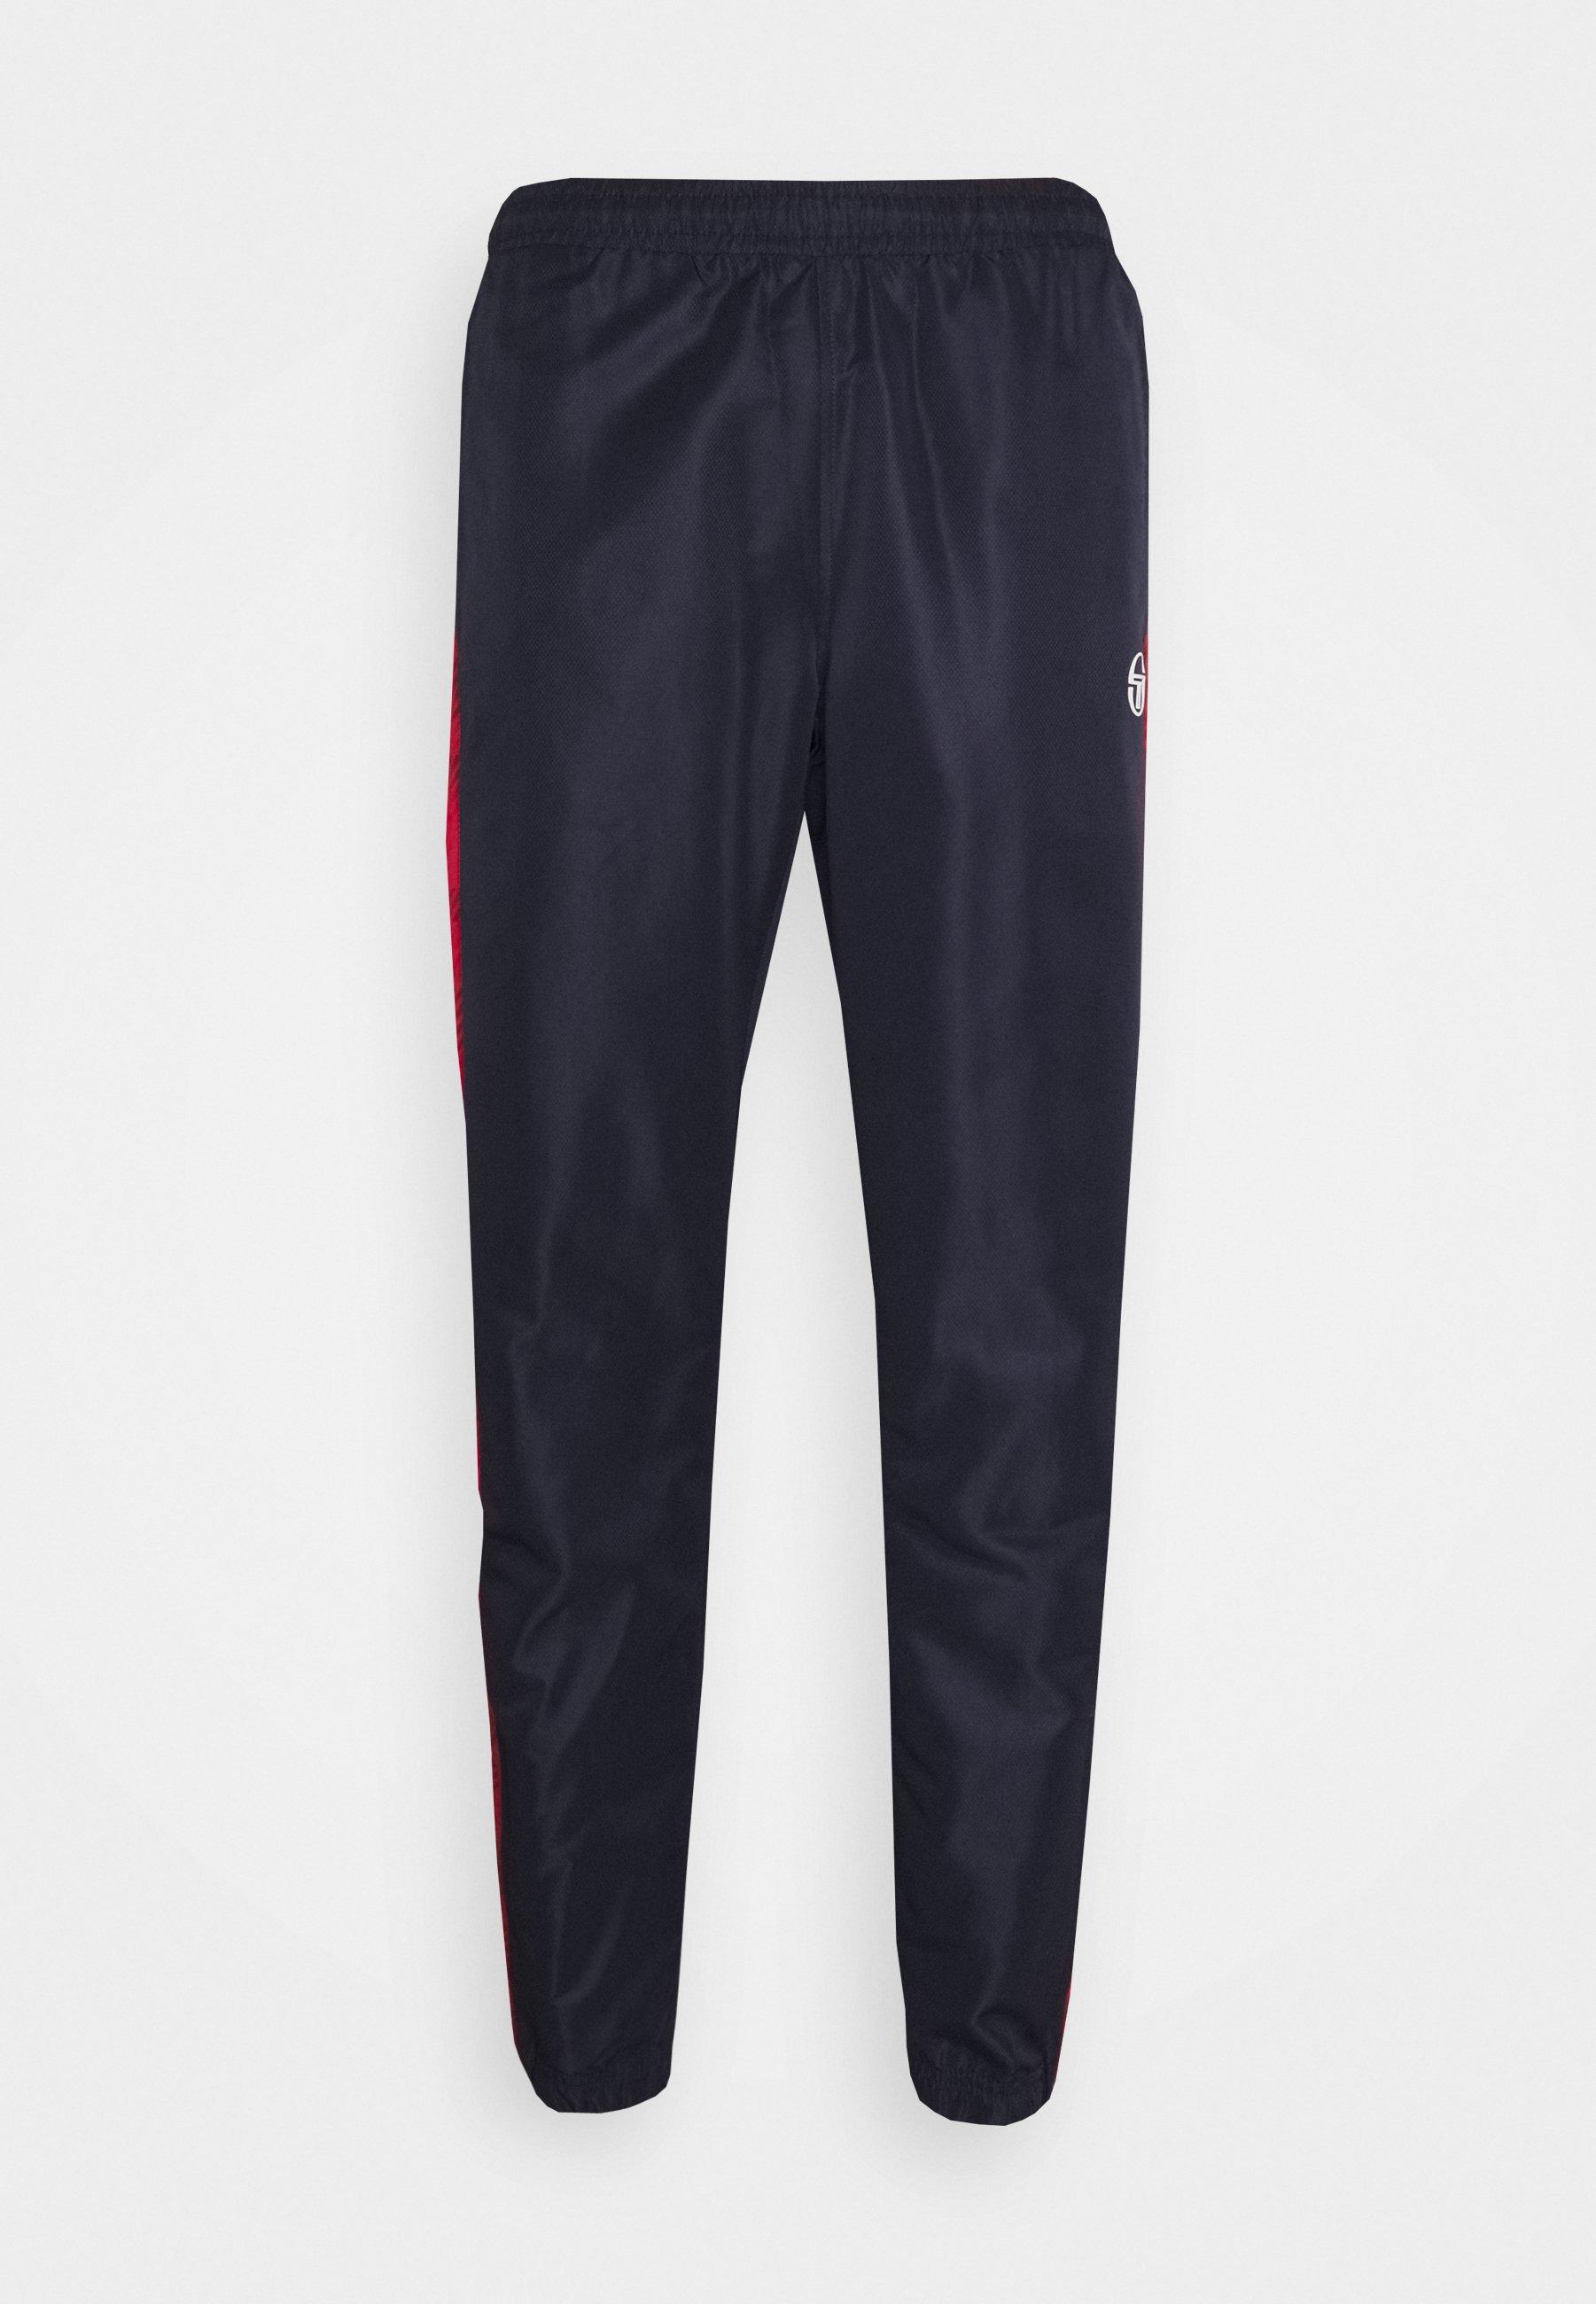 Homme ALLAN PANTS - Pantalon de survêtement